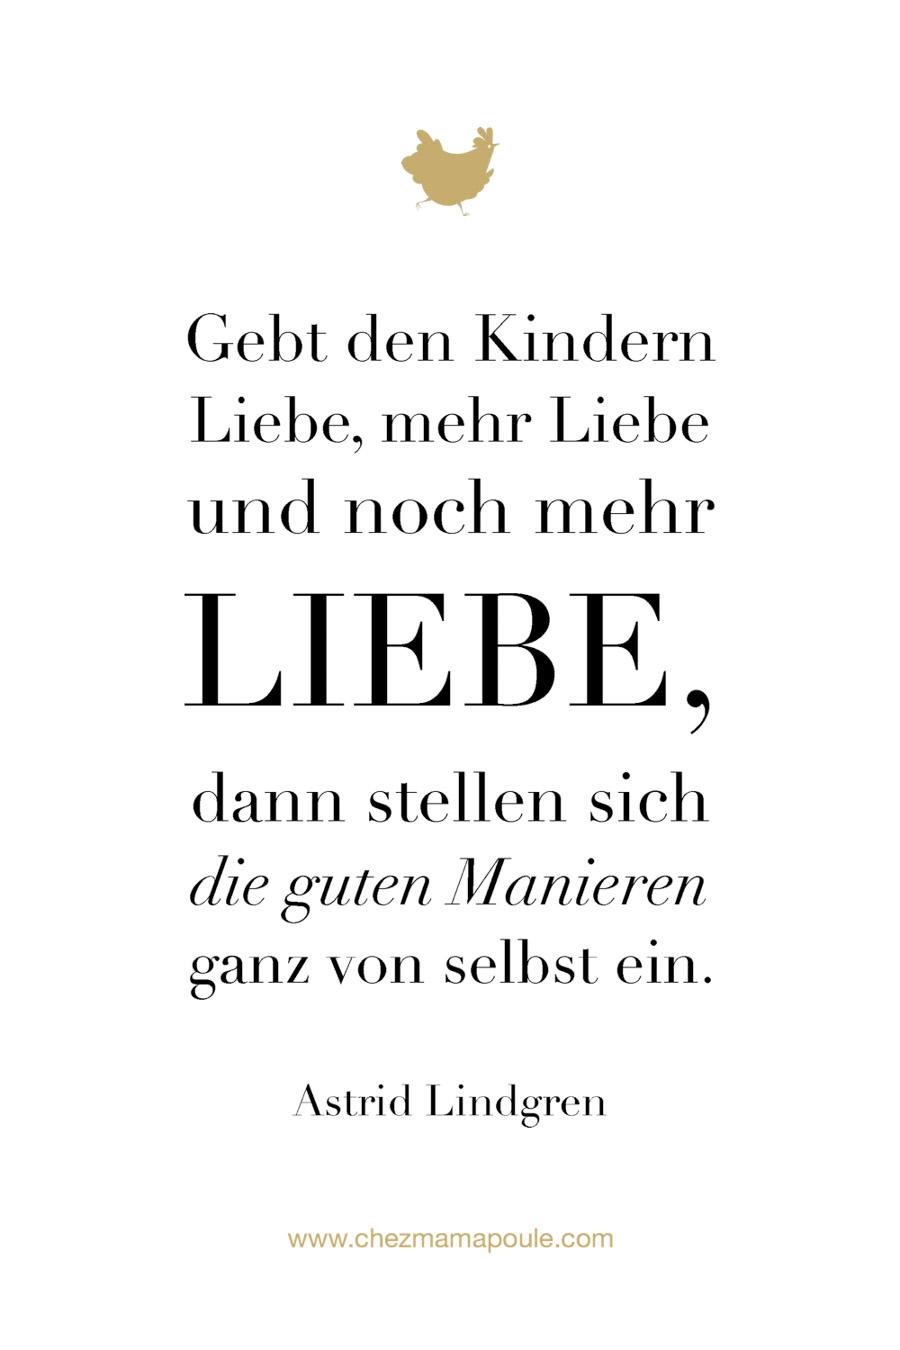 Wochenweisheit - Chez Mama Poule - Gebt den Kindern Liebe. Mehr auf dem Blog: www.chezmamapoule.com #liebe #elternsein #mamalltag #sprüche #sprüchefüreltern #mamasweisheiten #wochenweisheit #nachdenklich #zitate #lustig #liebe #inspiration #motivation #leben #astridlindgren